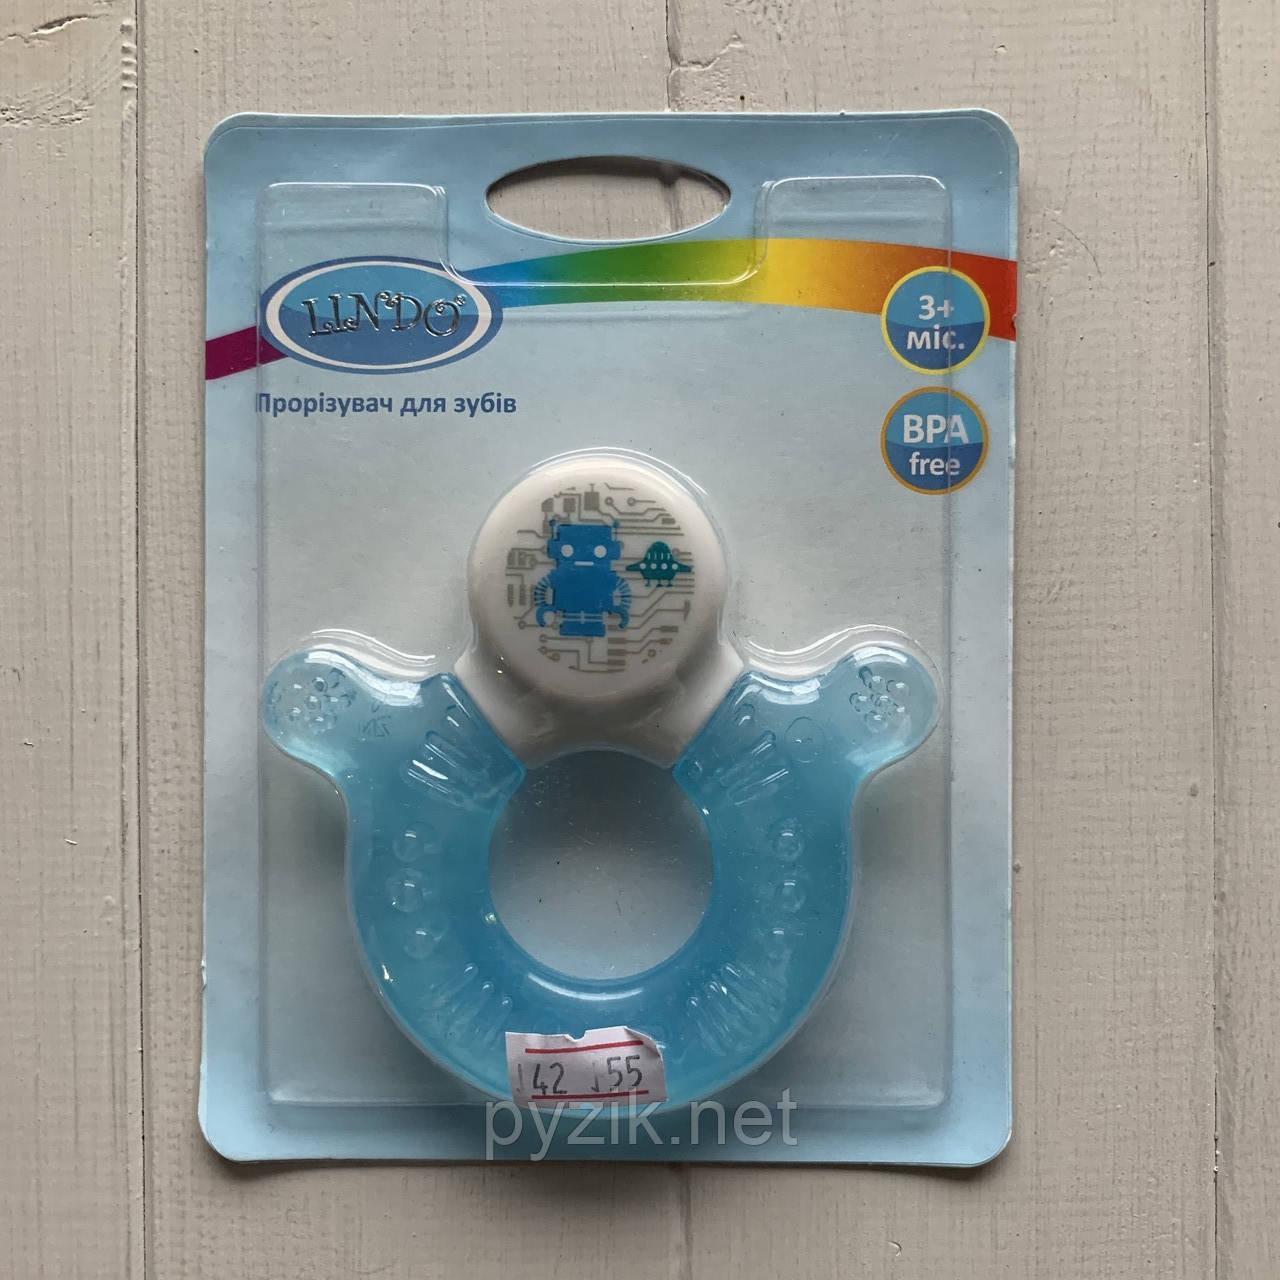 Прорезыватель для зубов силиконовый с водой LI317